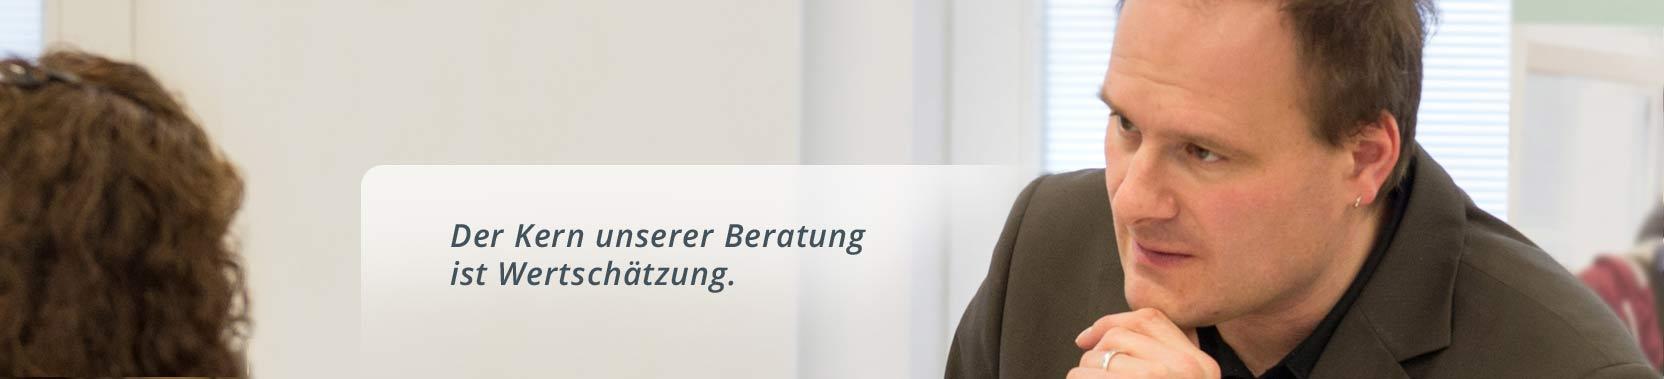 Jan Jerzewski von der Anerkennungsberatung Bremen hilft Migrant:innen weiter in ihrem erlenten Beruf arbeiten zu können.